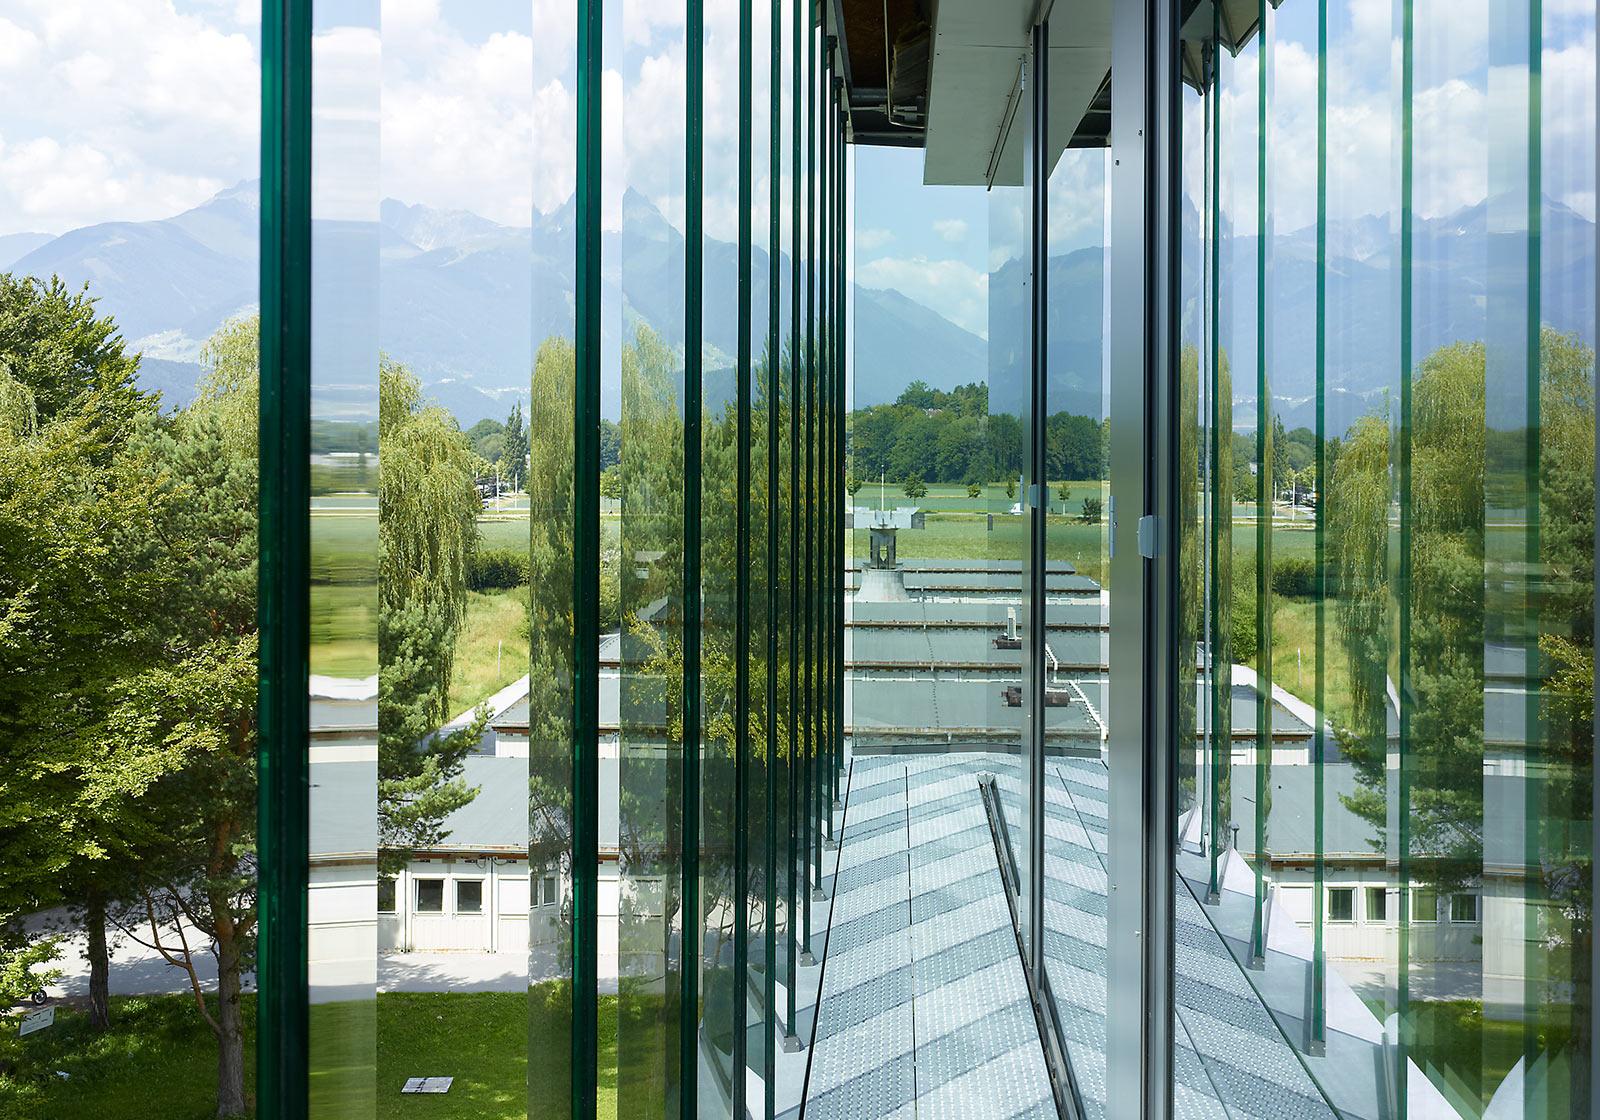 Eine Besonderheit: Die neue Fassade der Architekturfakultät bietet Frischluft durch automatische Lüftungsflügel. Foto: ATP/Jantscher.